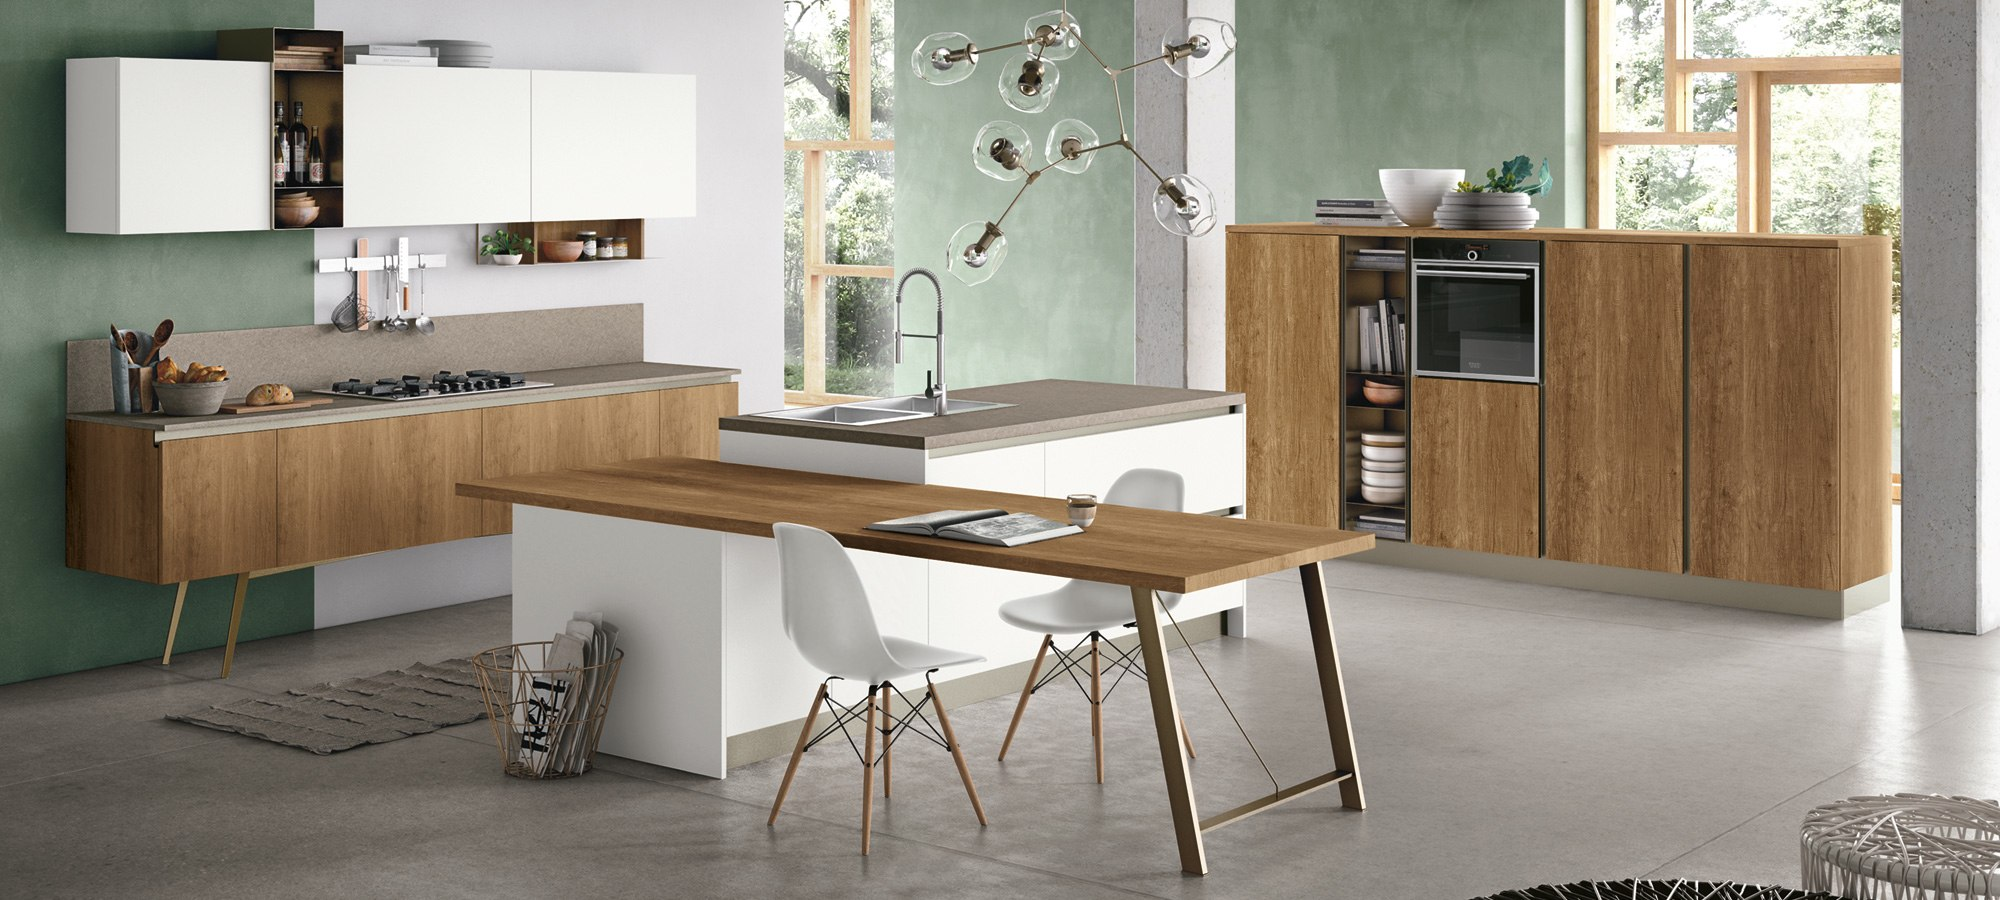 Cucina stosa infinity lorenzelli arredamenti - Immagini cucine moderne ...